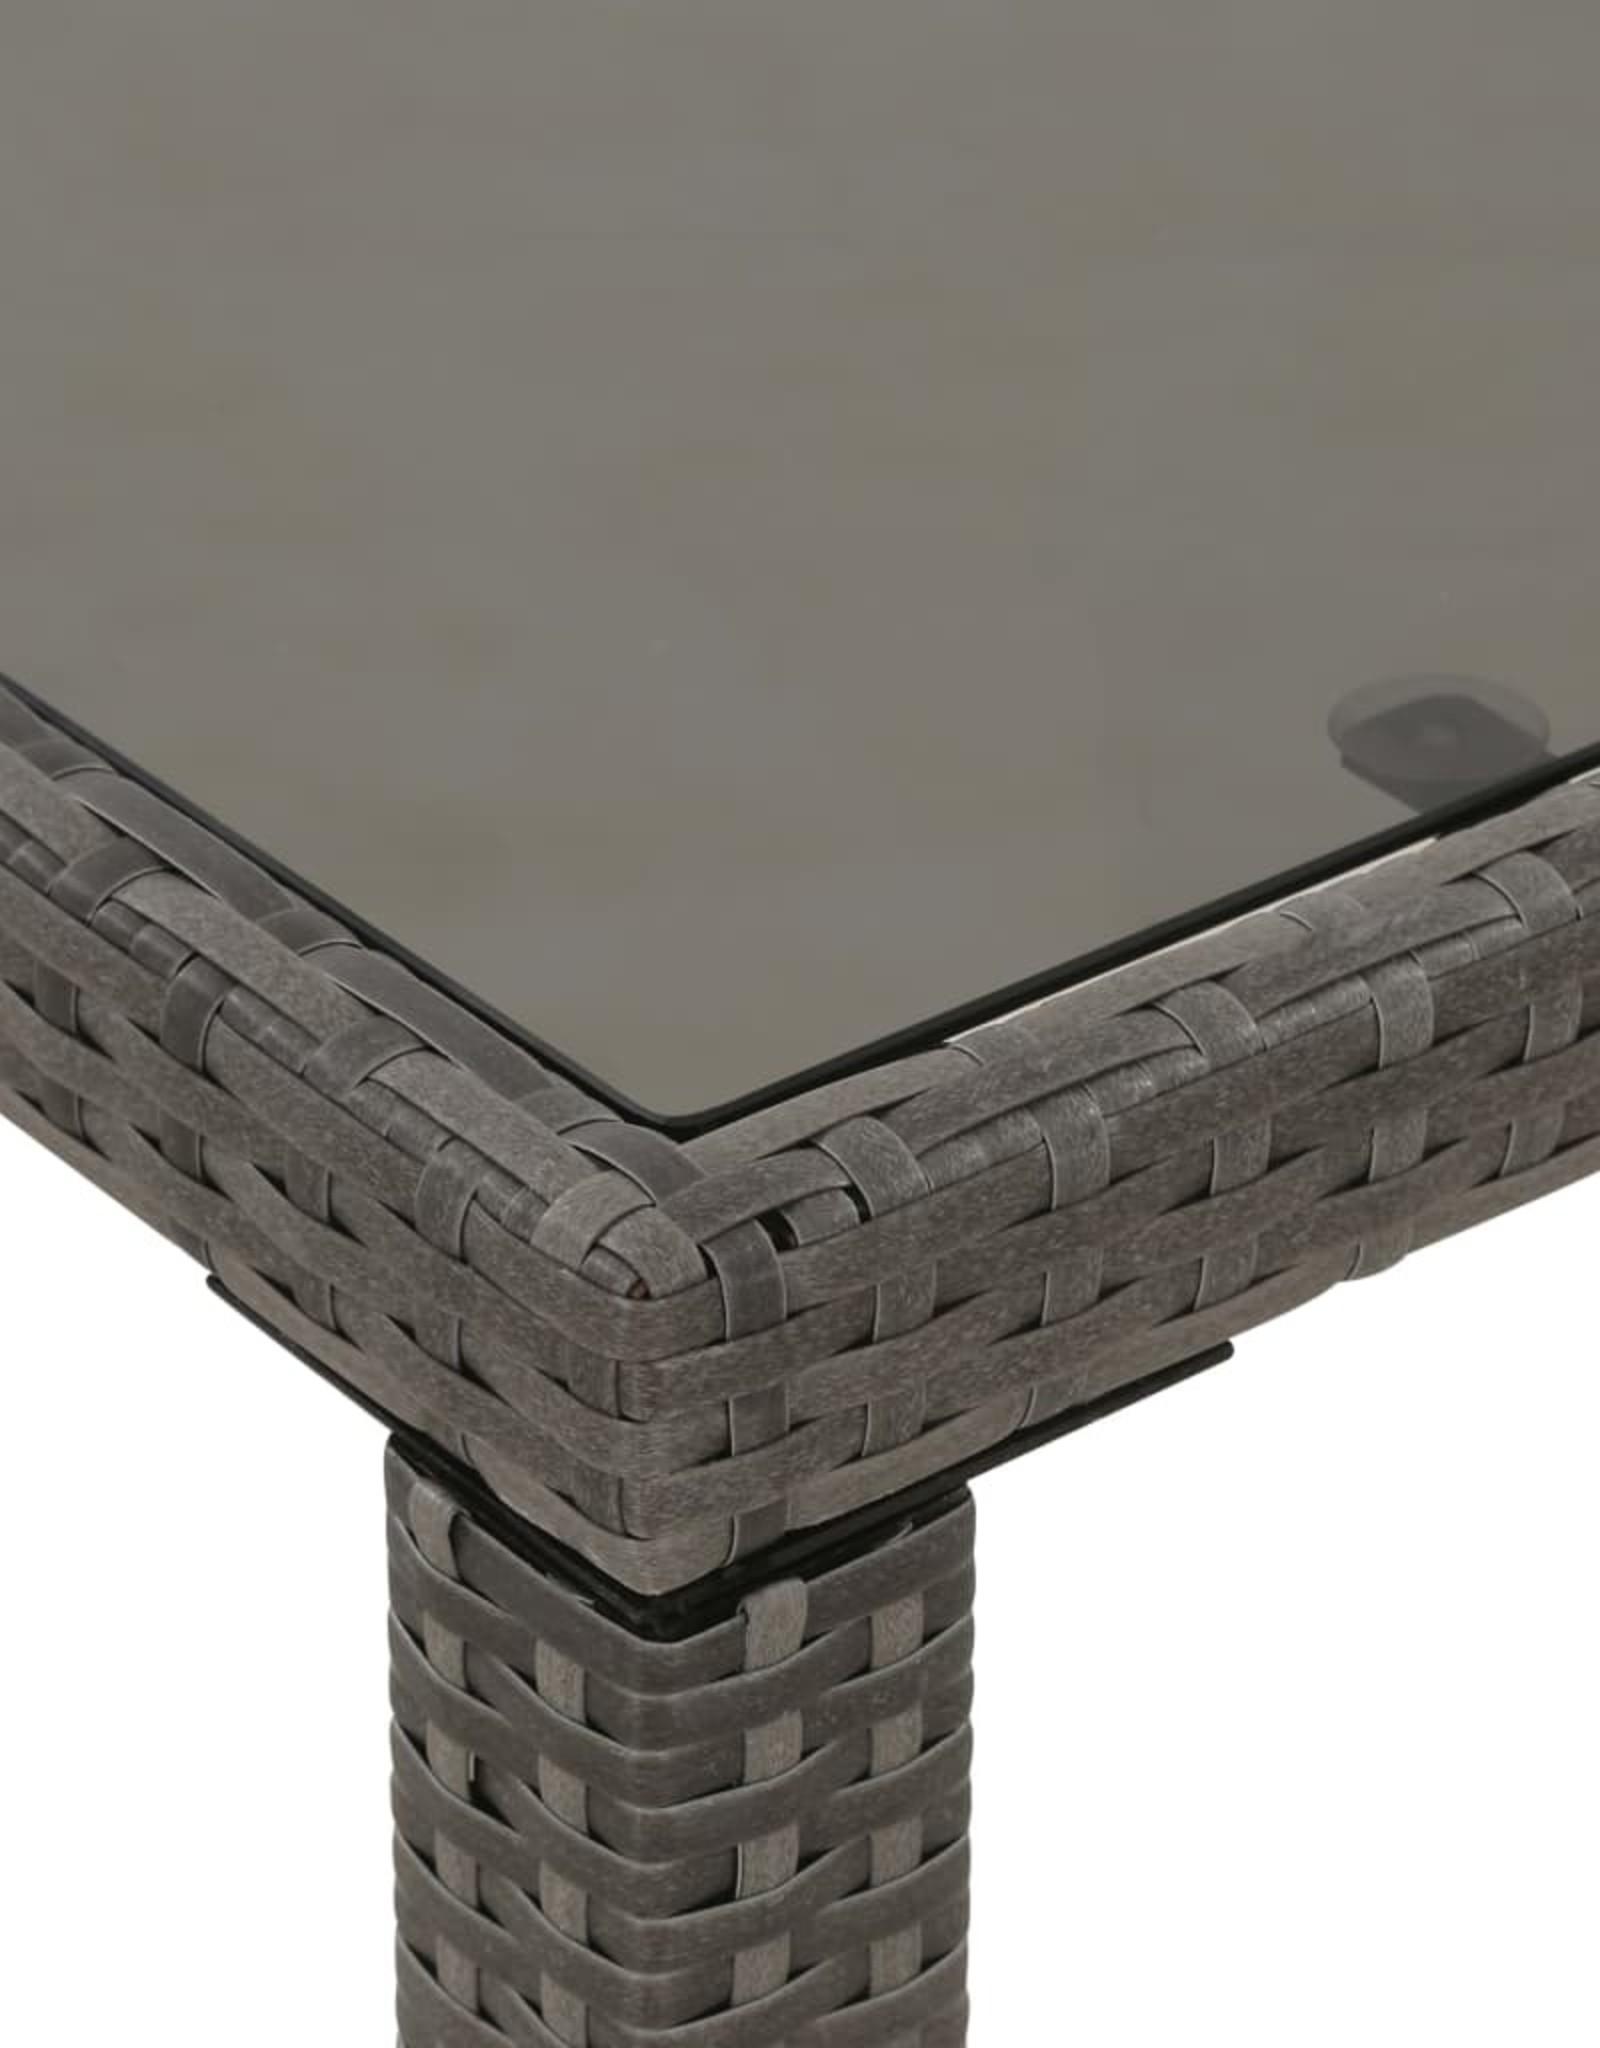 vidaXL 6-delige Tuinset met kussens poly rattan grijs